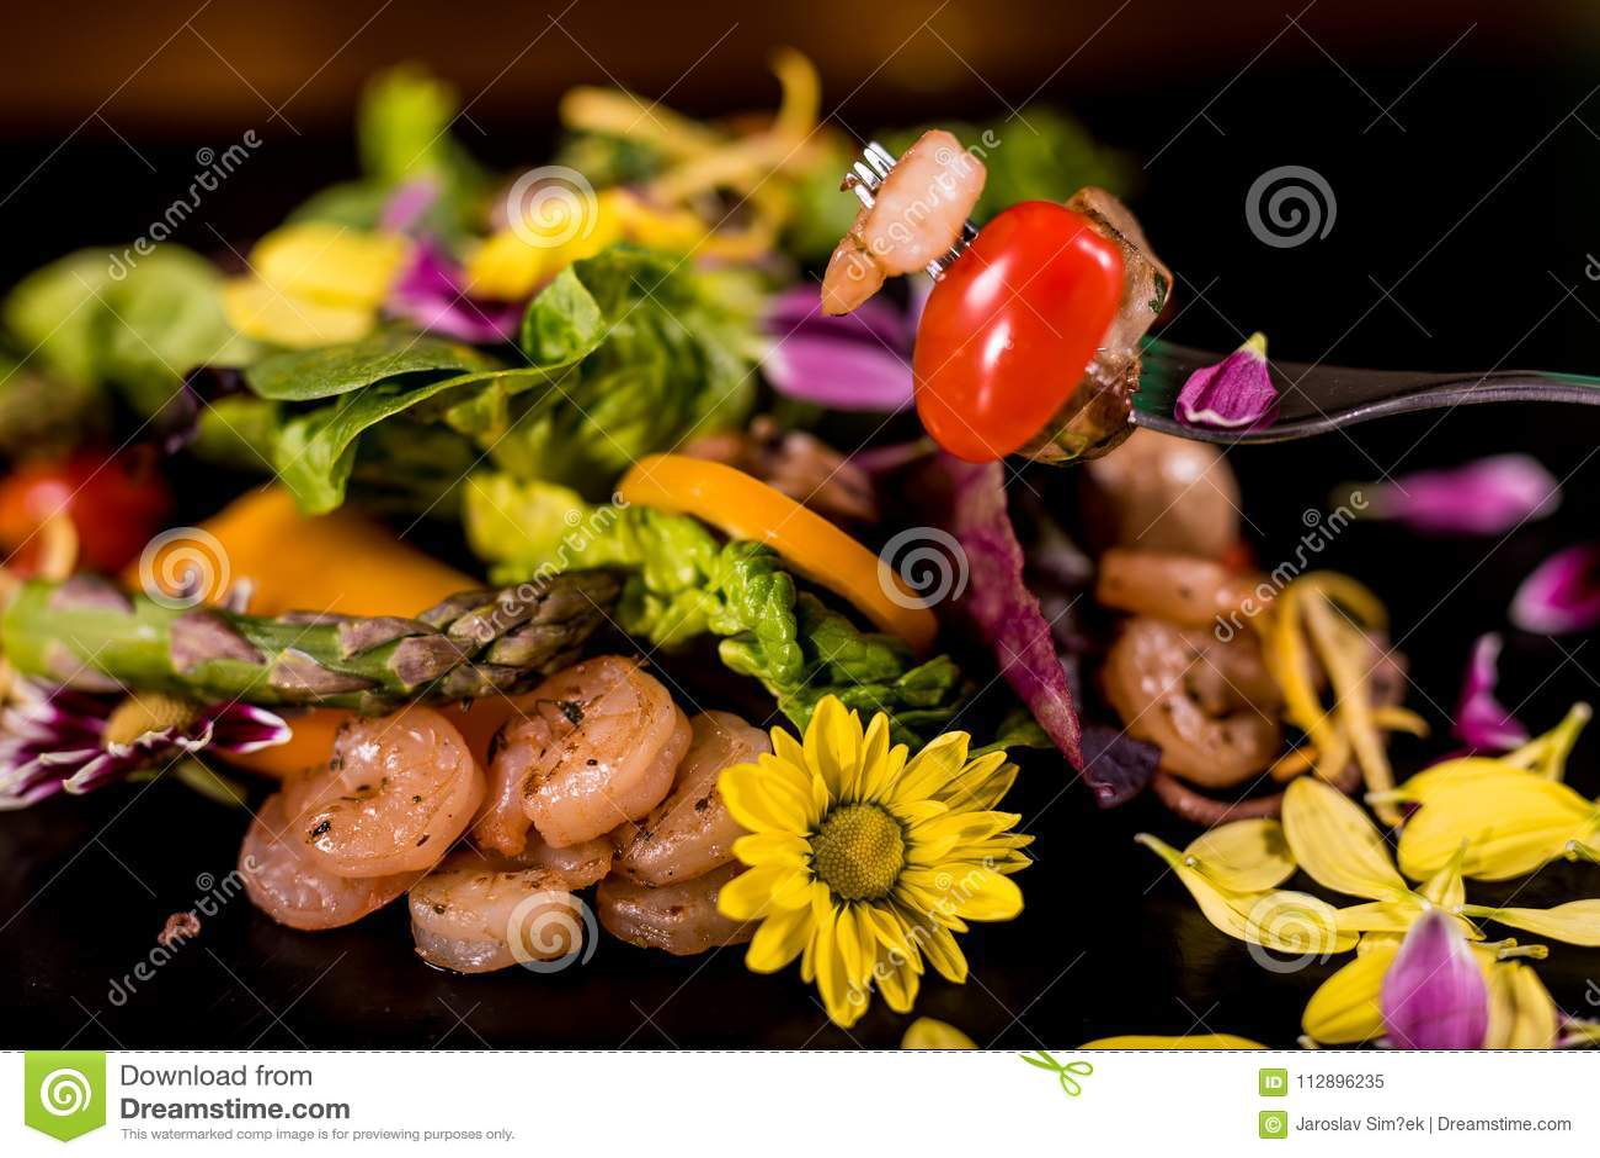 Salada fresca com marisco tradicional dos camarões